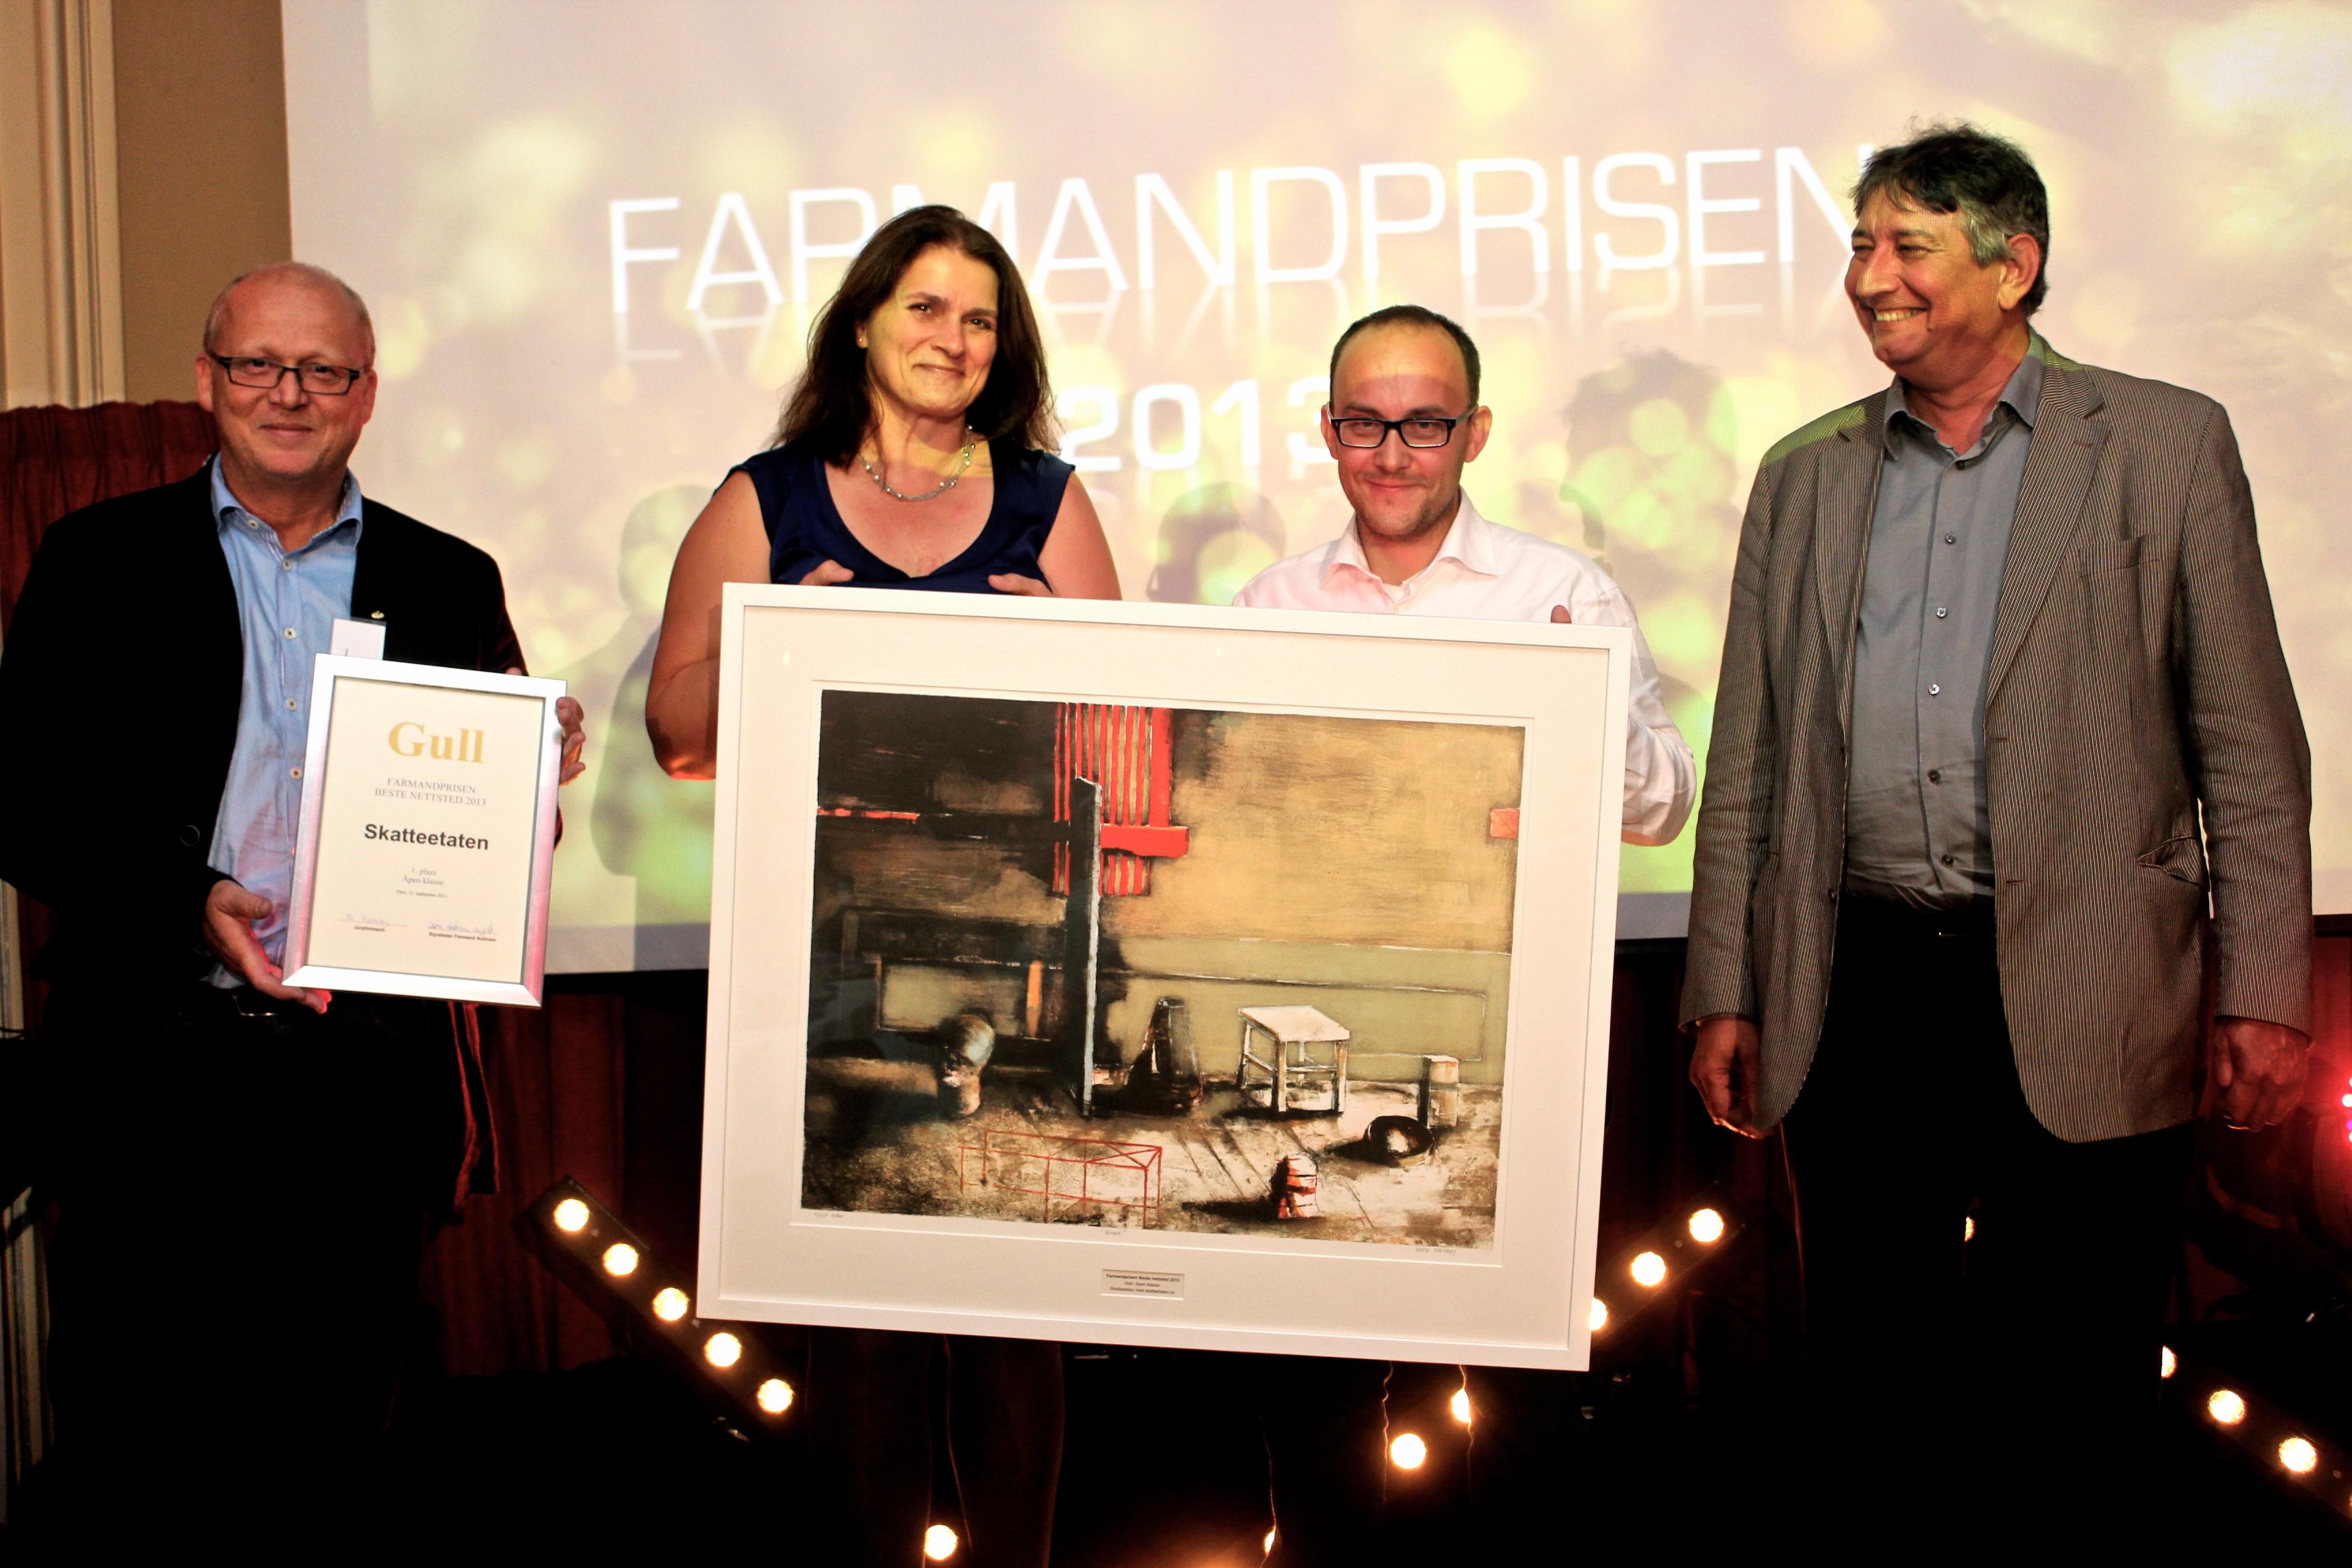 Farmandprisen Beste nettted 2013 - Åpen klasse nr 1: Skatteetaten